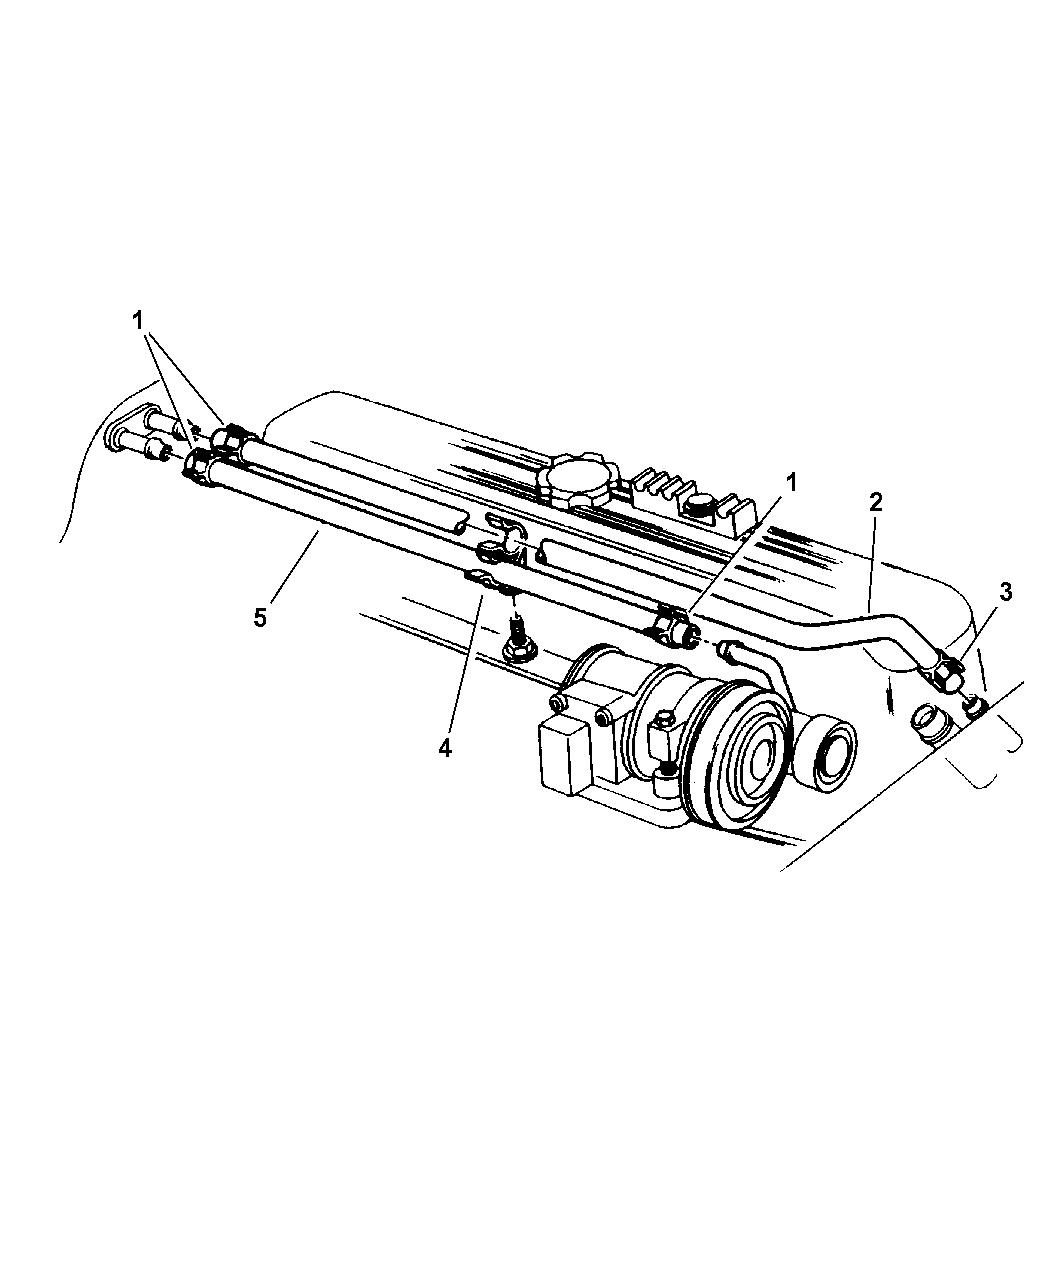 Jeep Grand Cherokee Belt Diagram On 98 Cherokee Heater Wiring Diagram